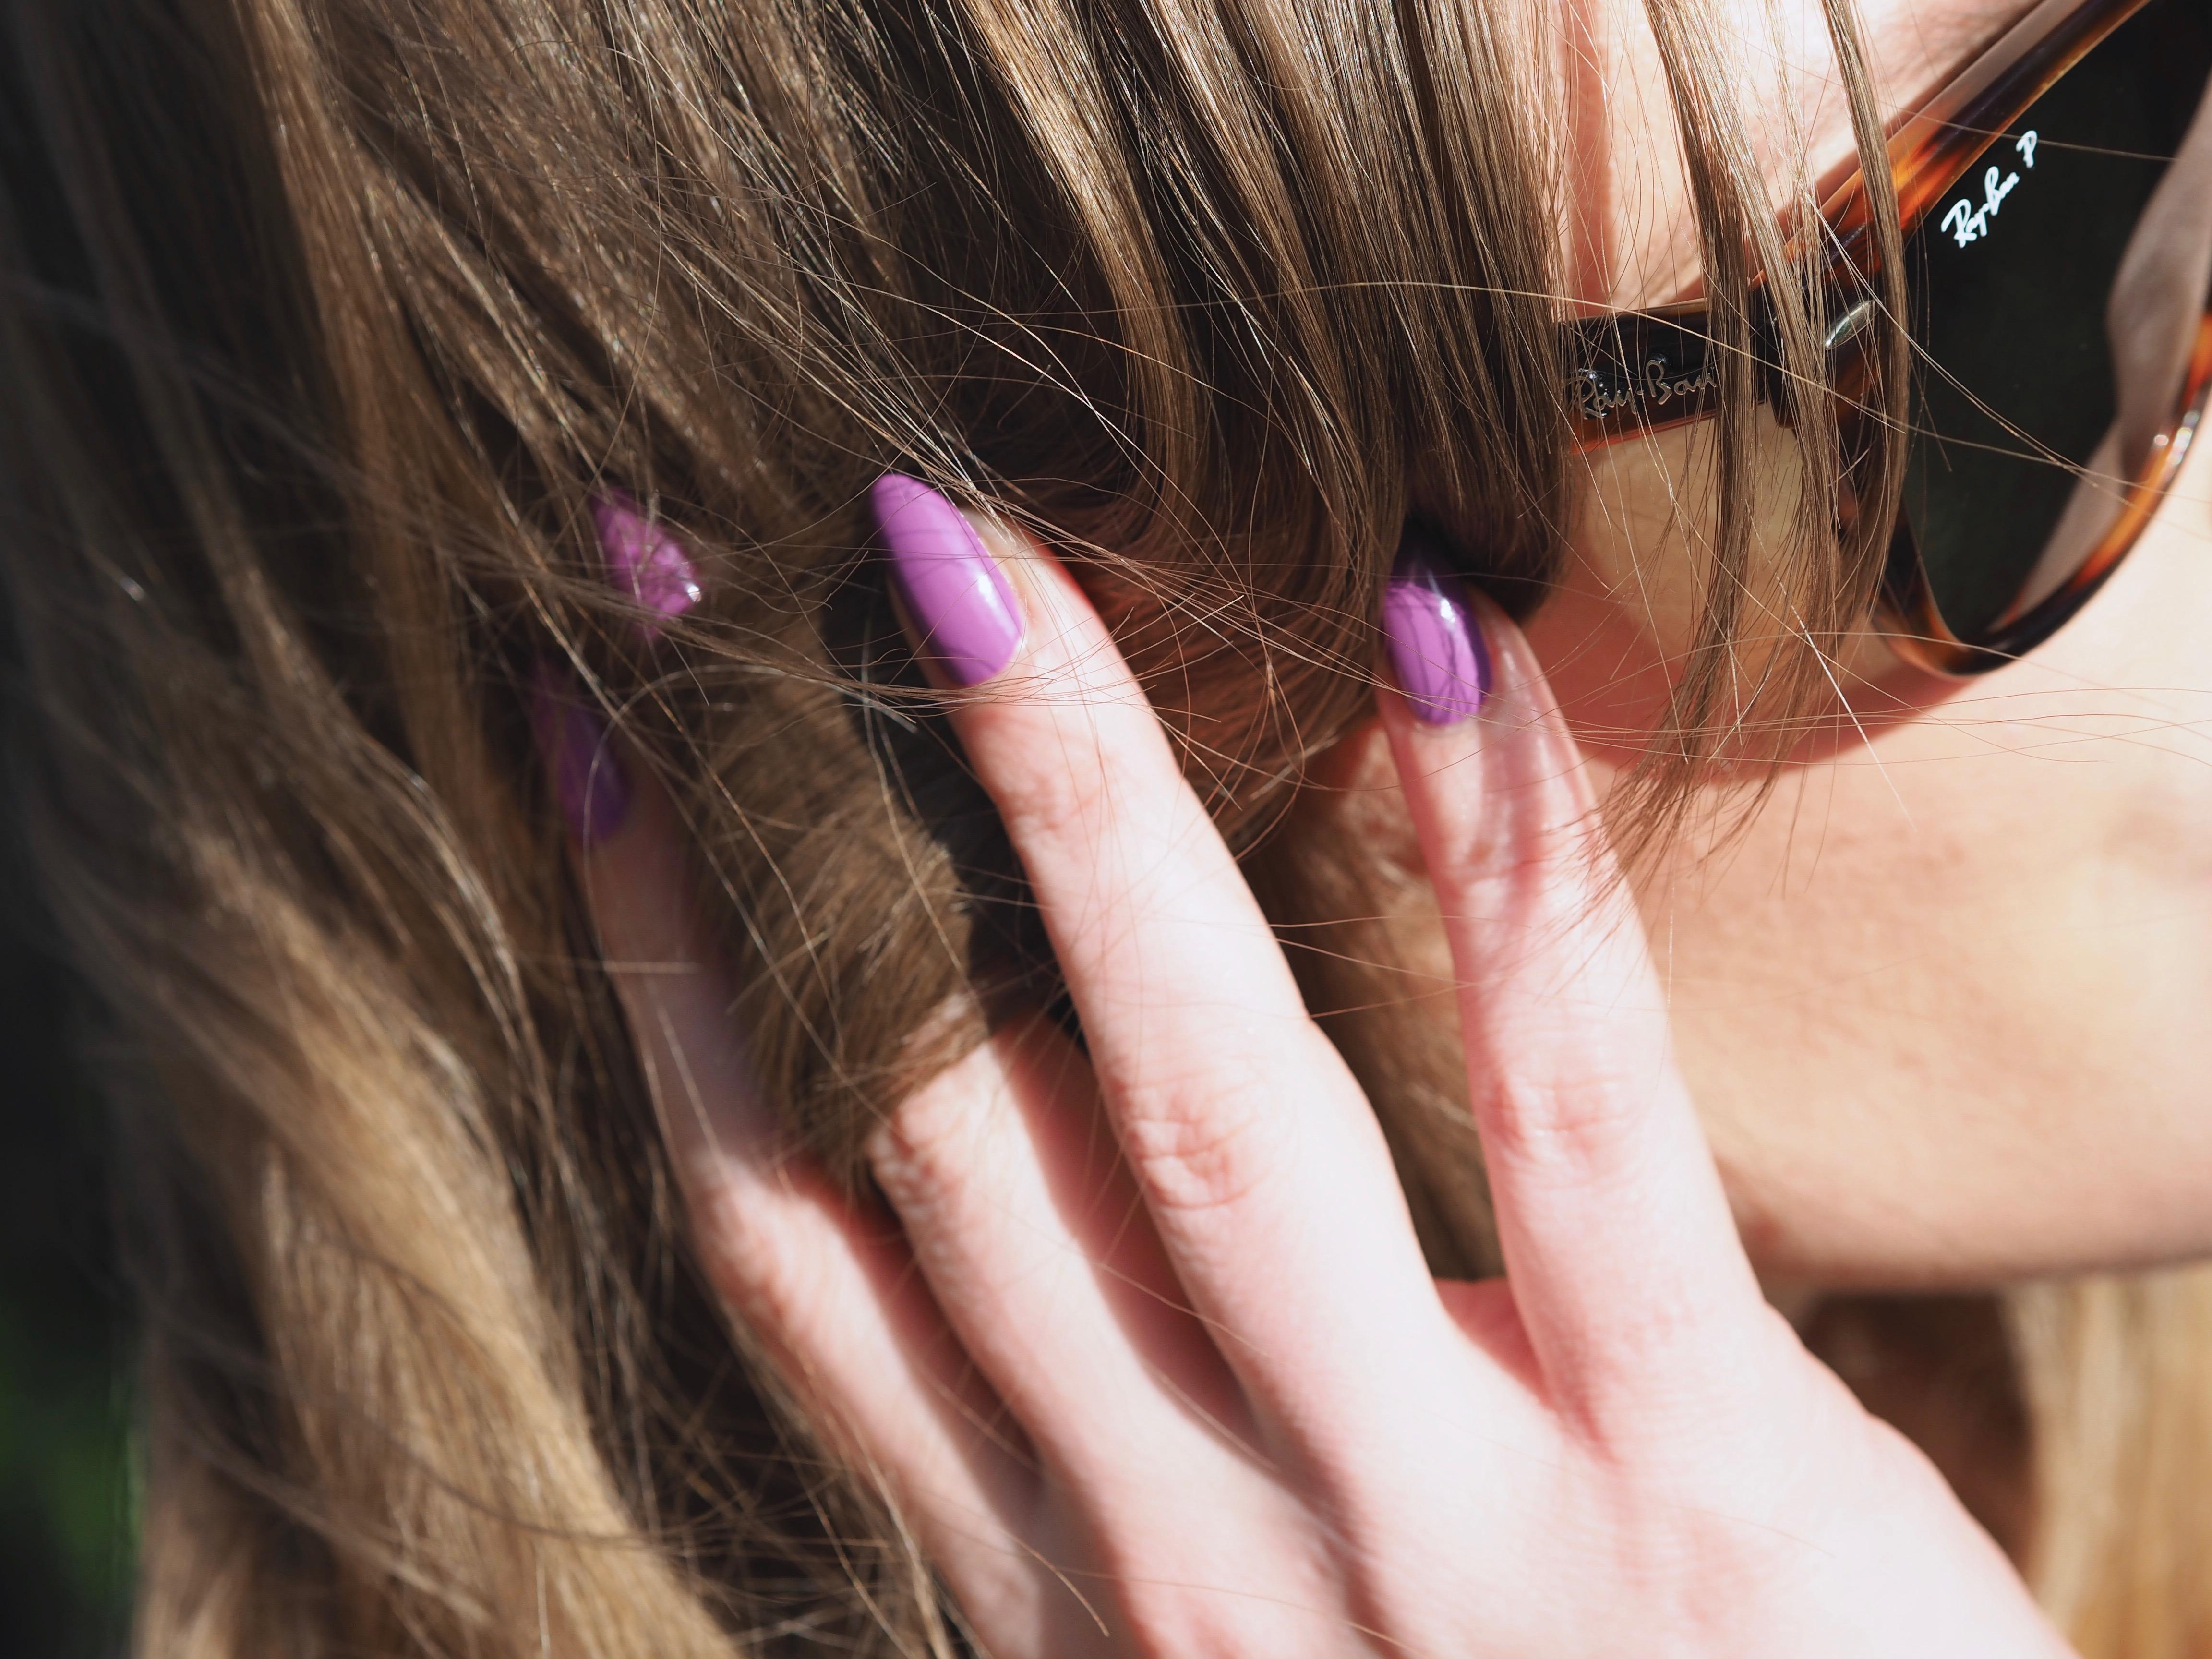 Purple nails and Ray-Bans